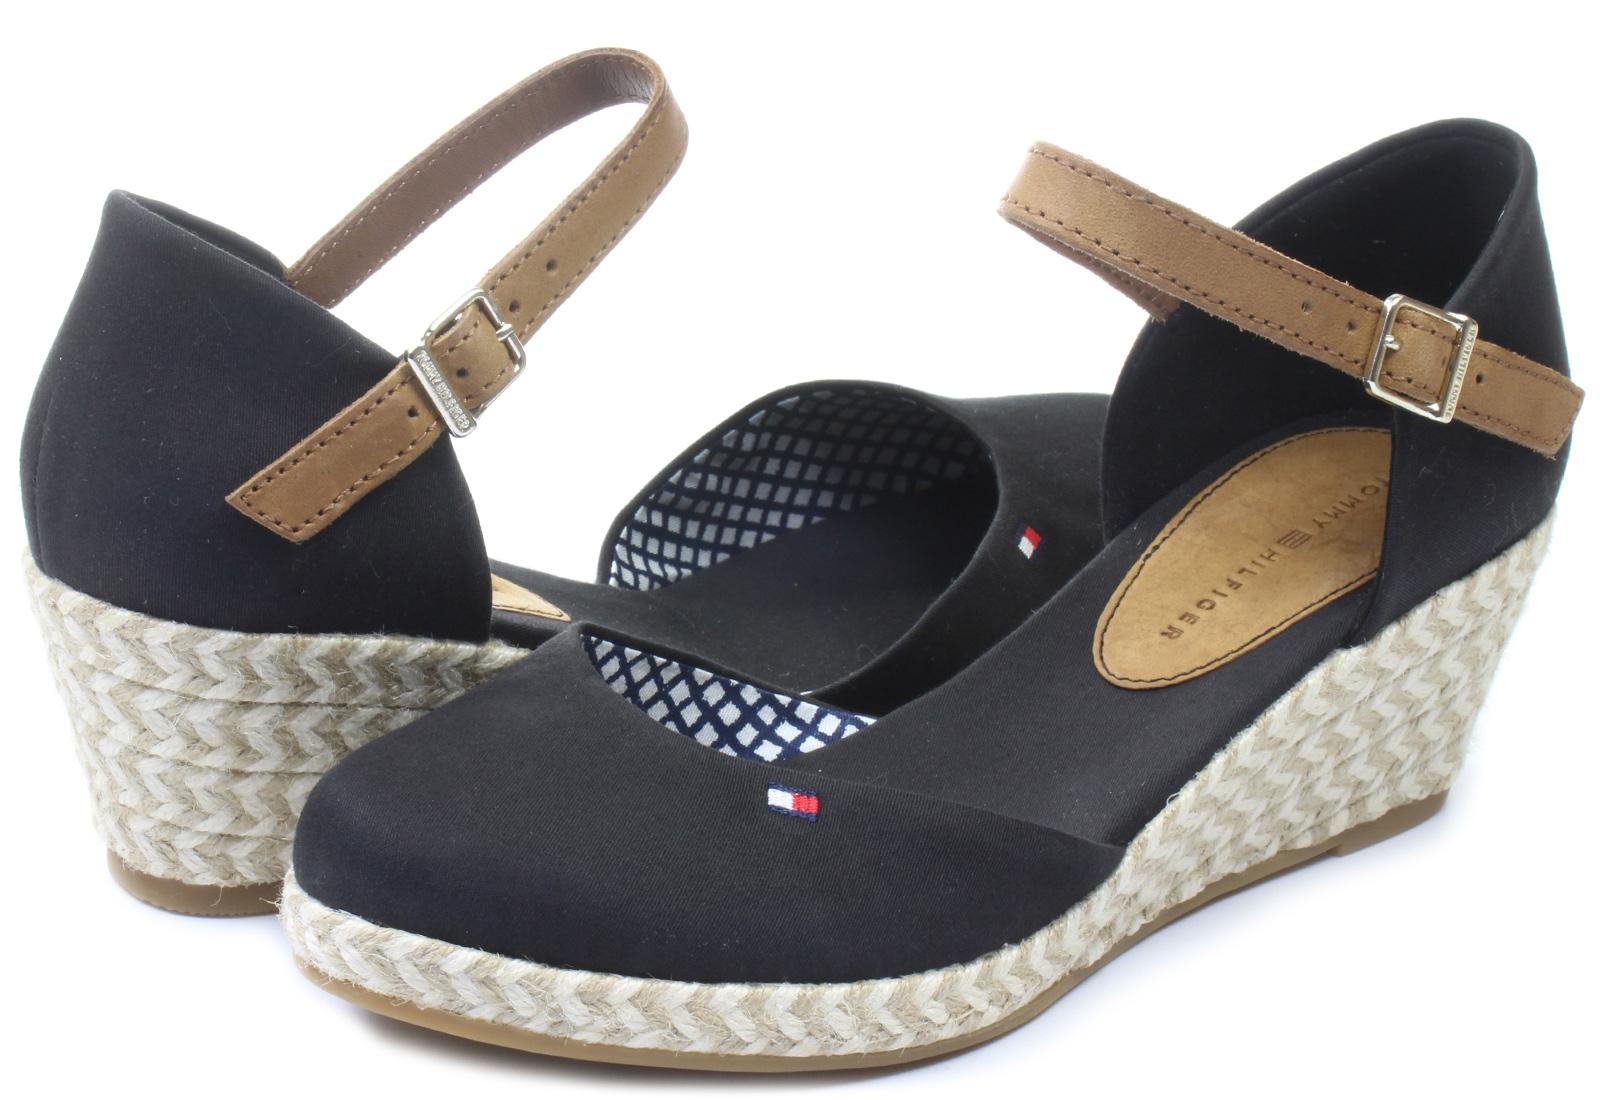 c835673d9de Tommy Hilfiger Sandale - Elba 13 - 14S-7423-990 - Office Shoes Romania